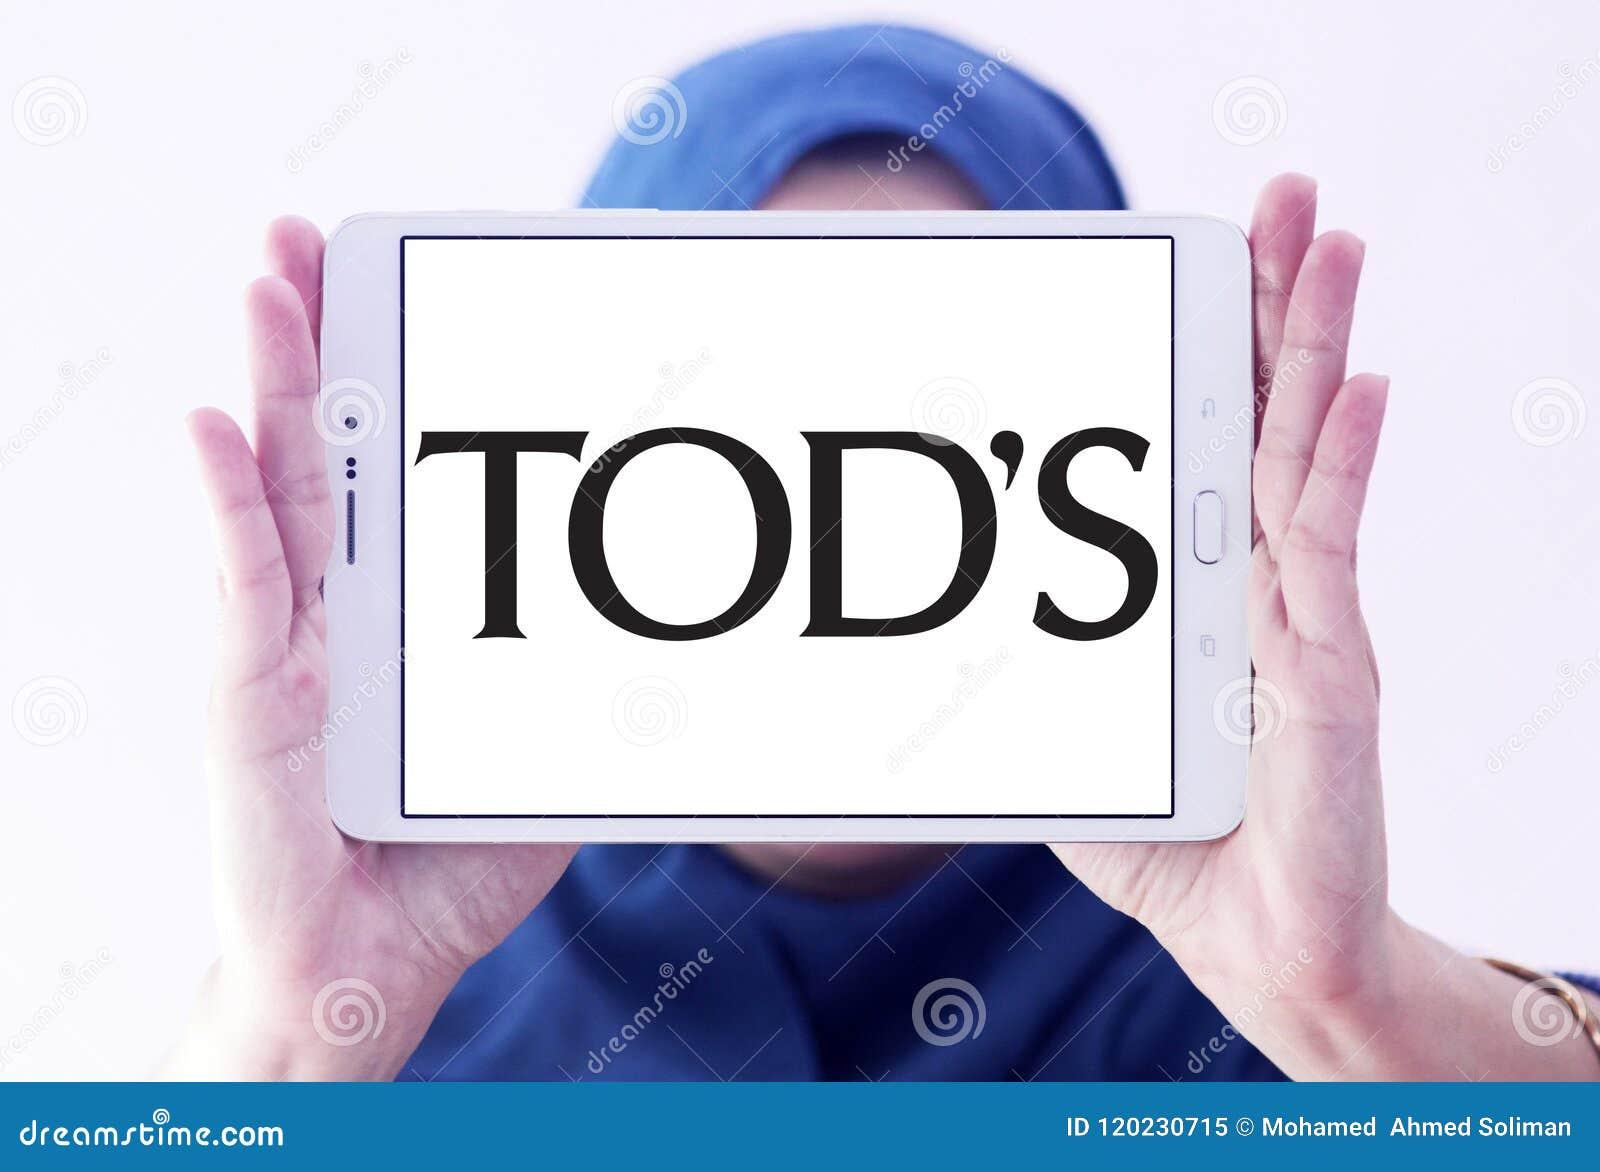 mohamed tod